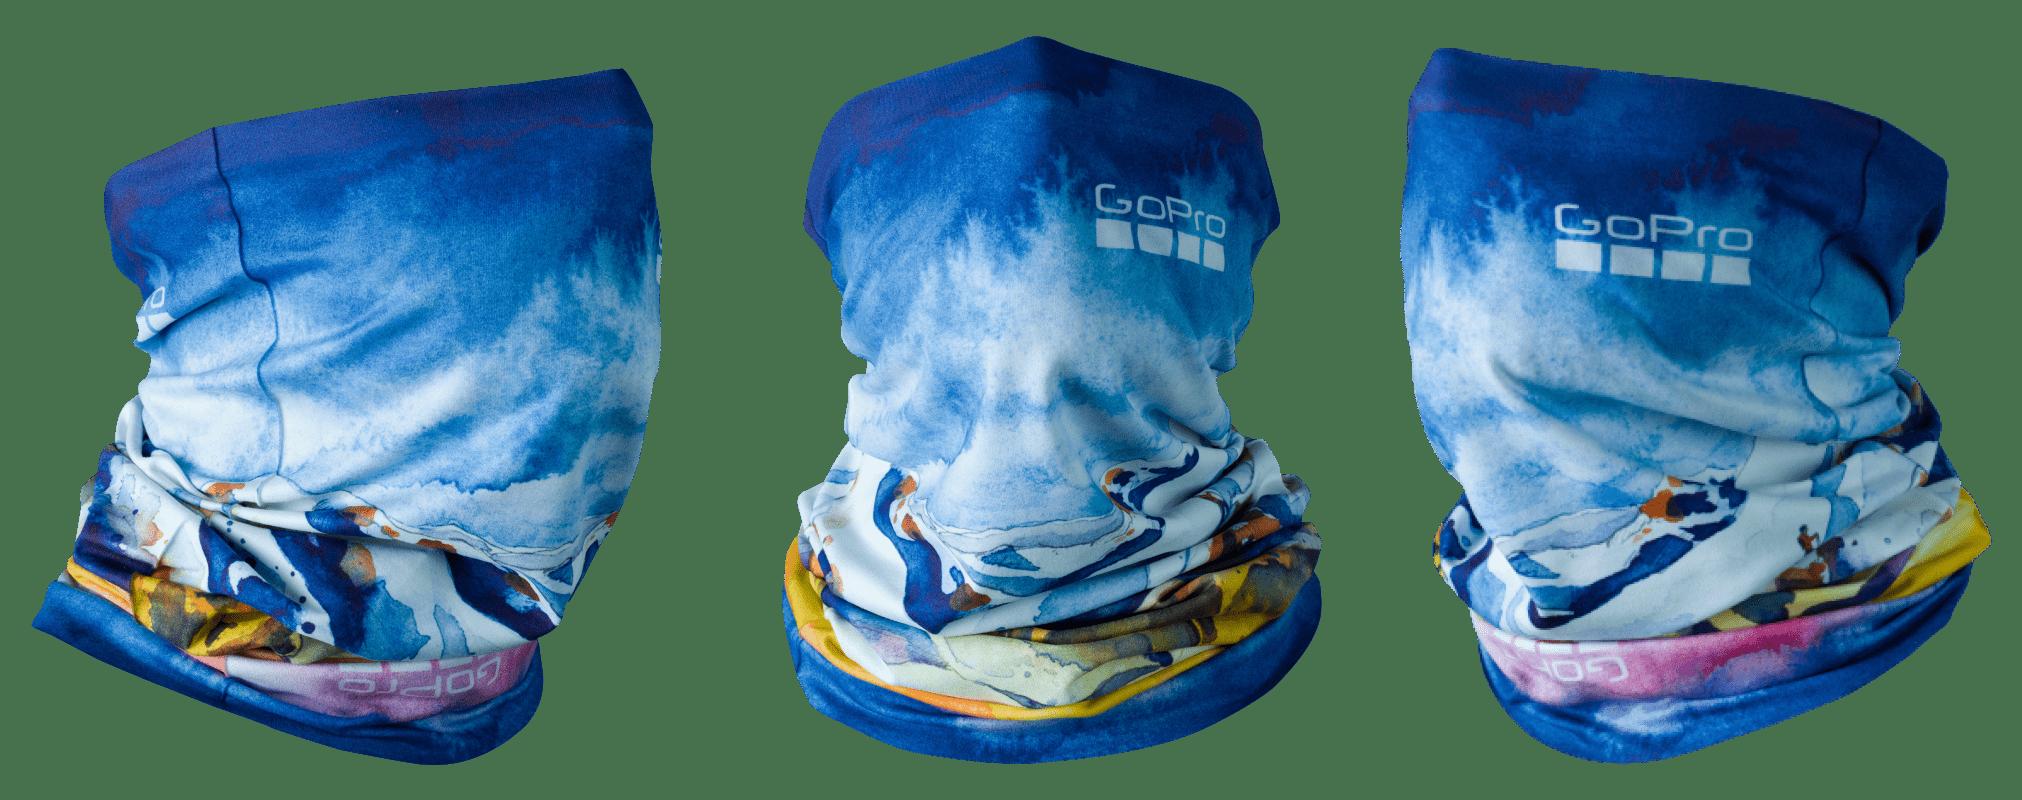 Schlauchtuch-Alpenglow-Vorderseite-Bild